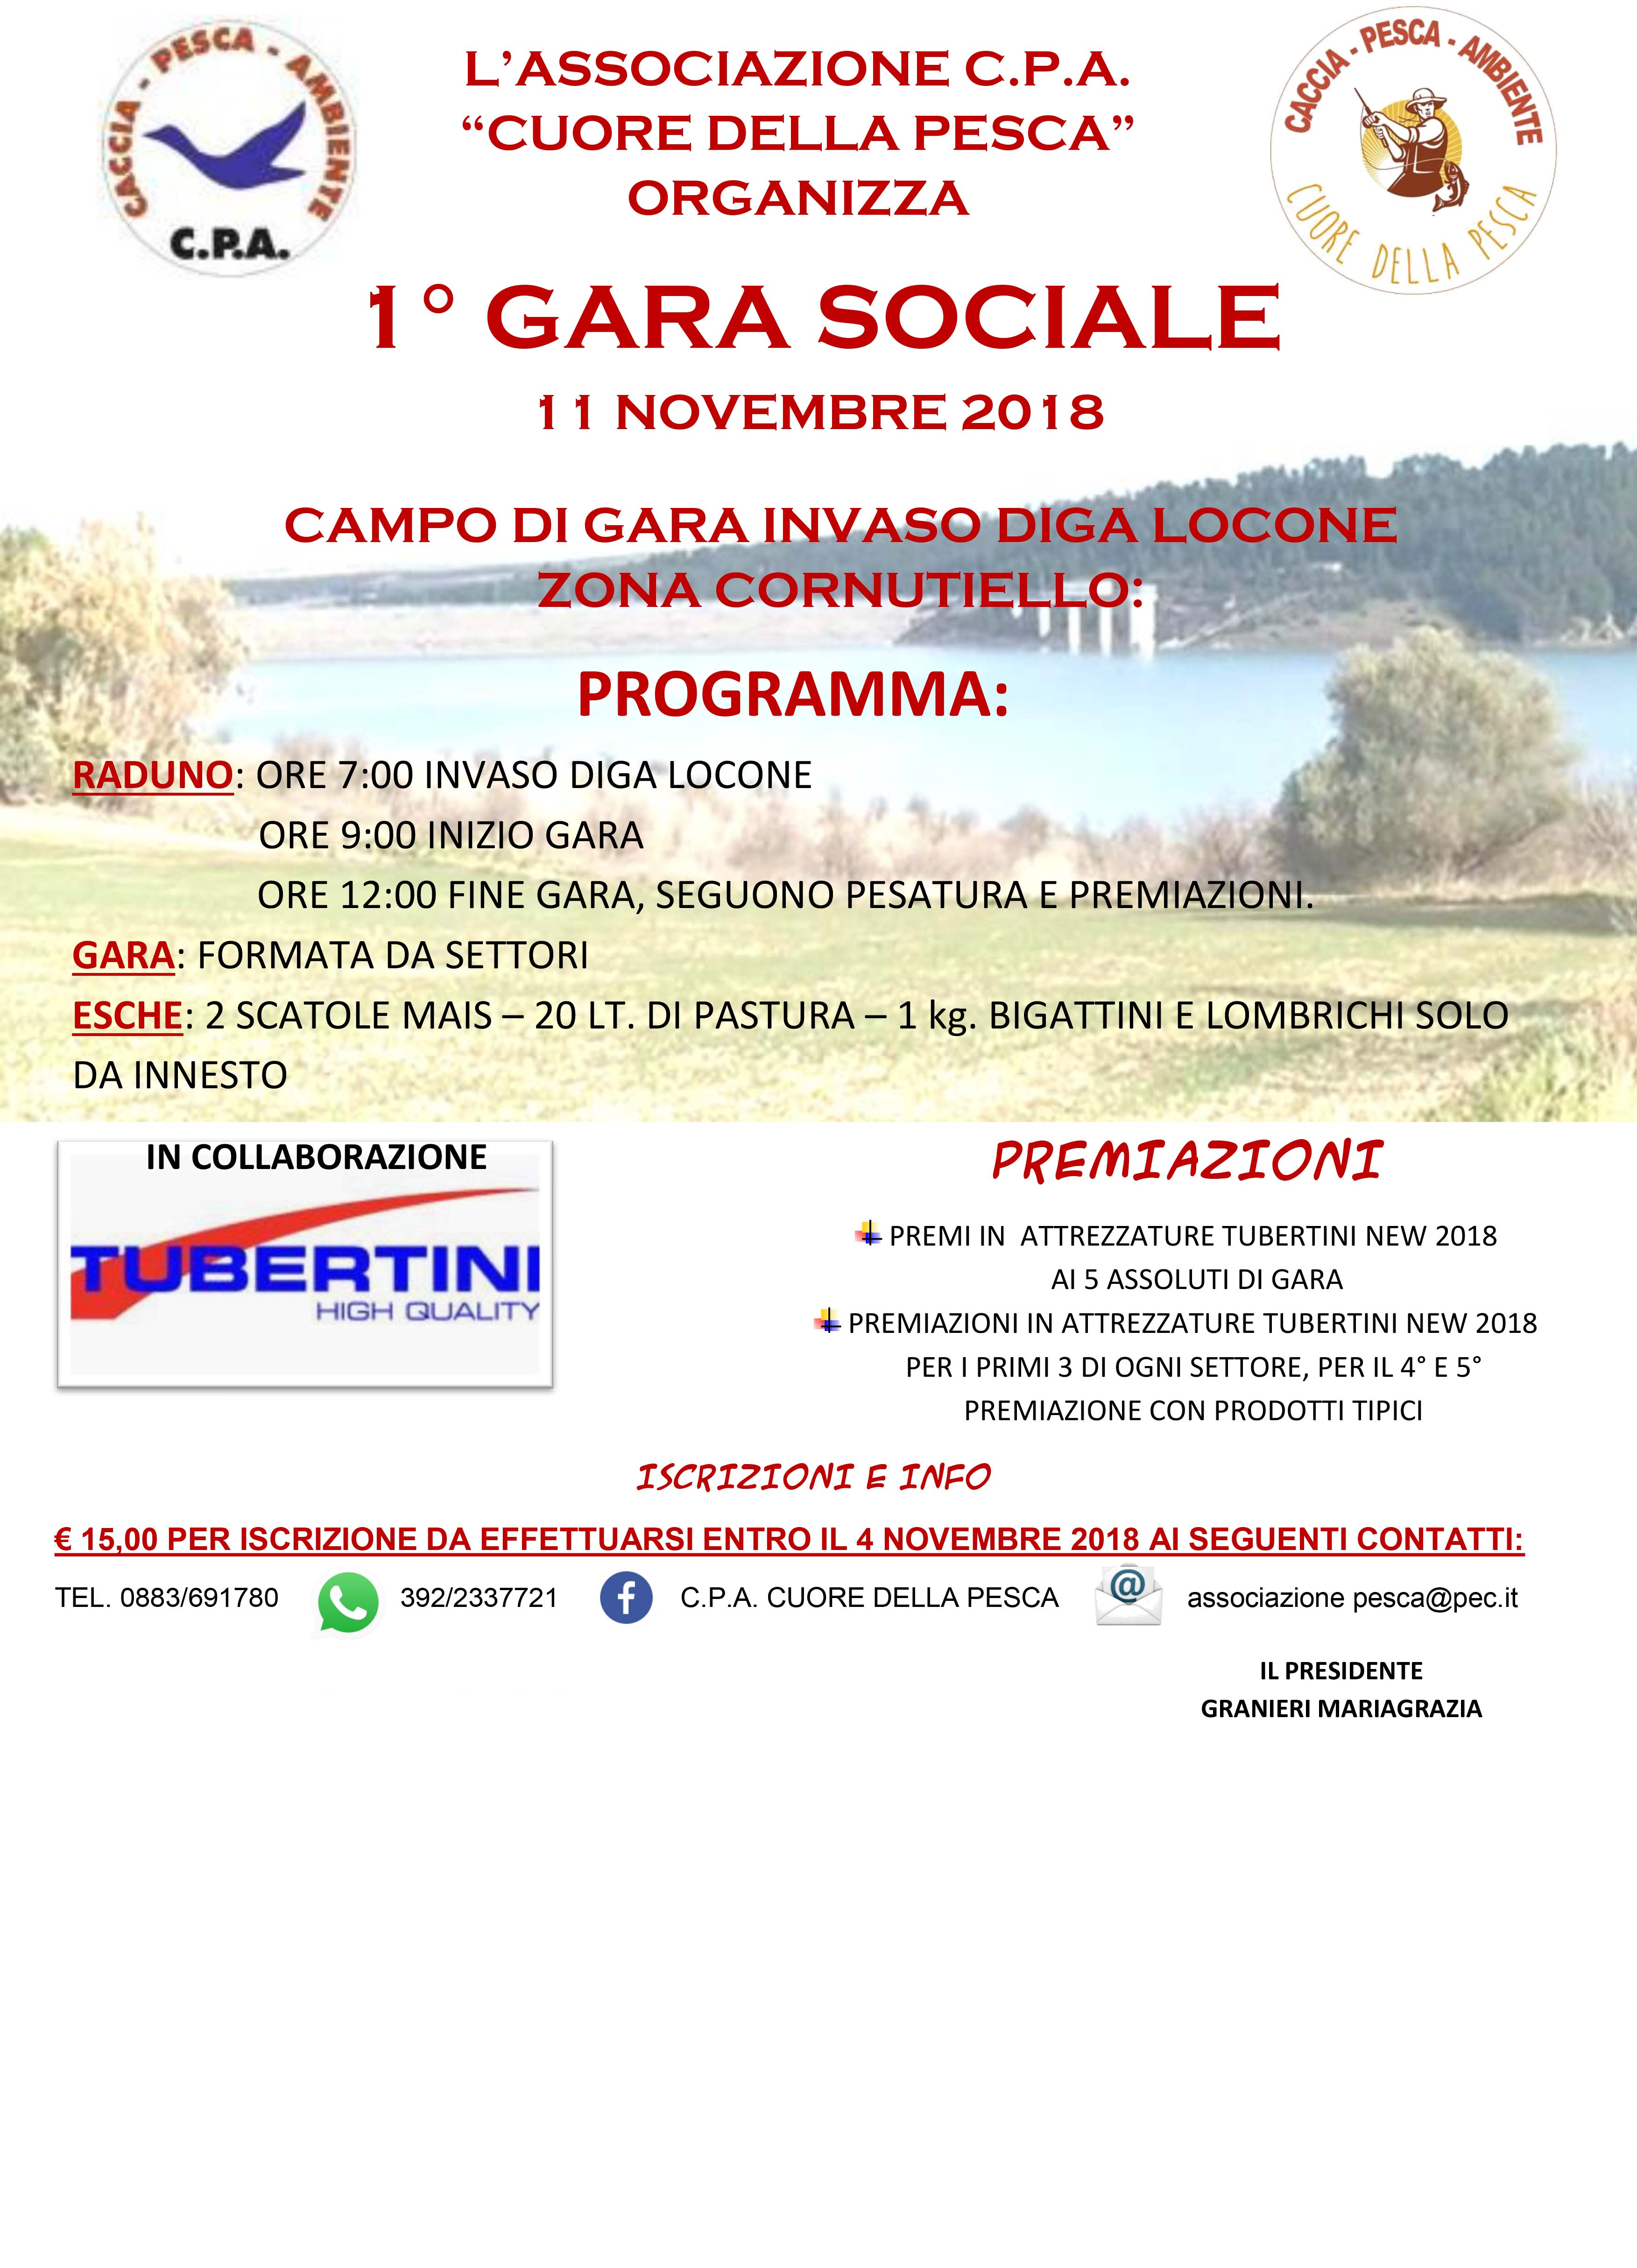 1° GARA SOCIALE – 11 NOVEMBRE 2018 – CAMPO DI GARA INVASO DIGA LOCONE (BT)